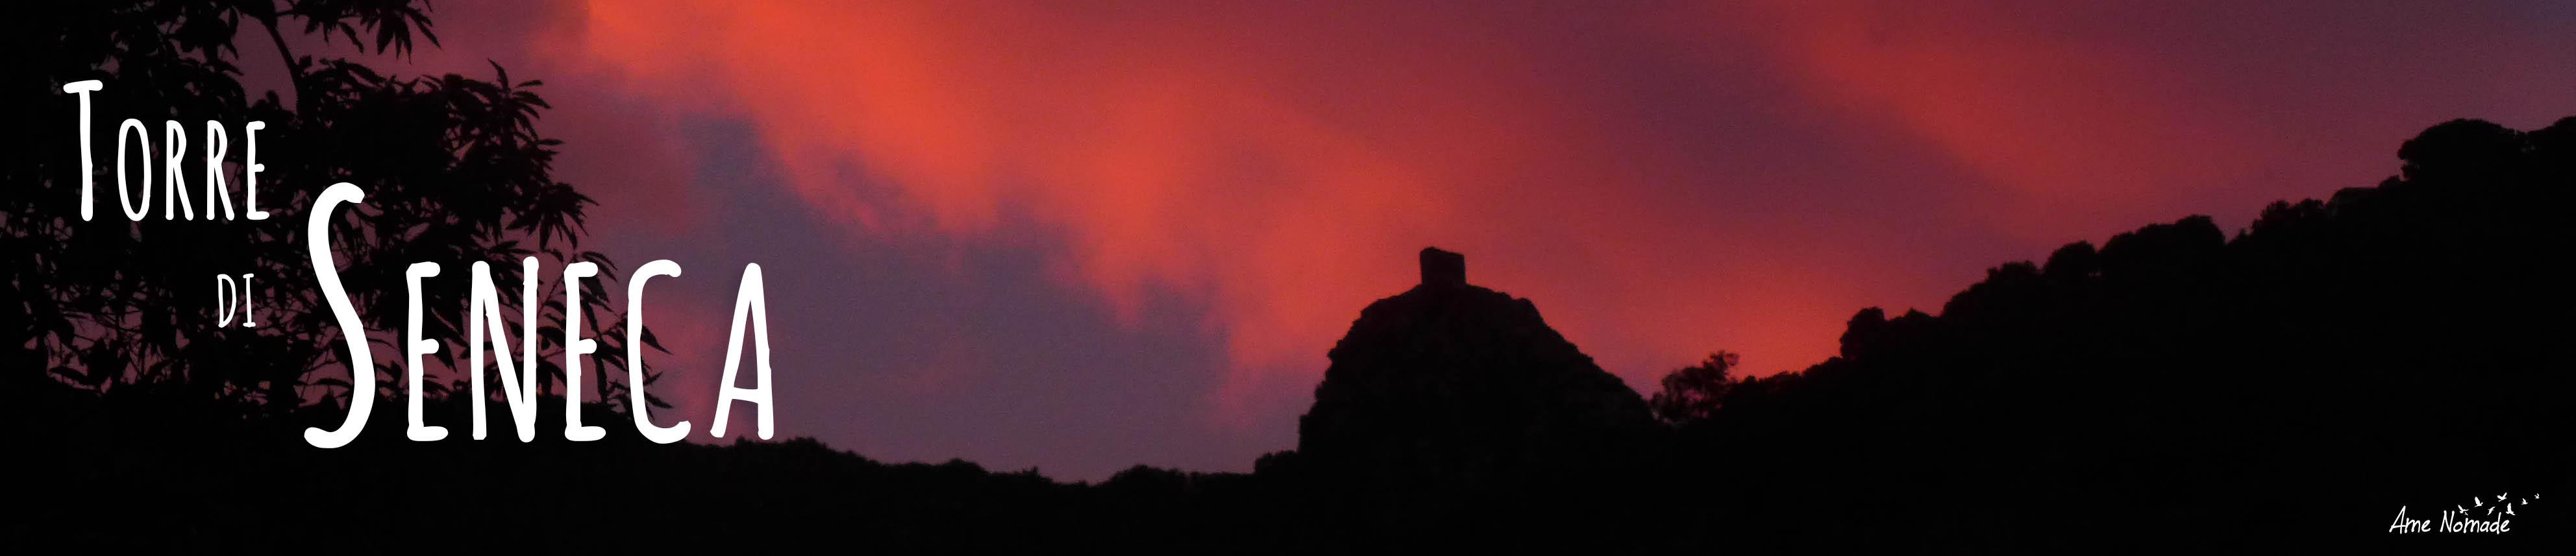 Escursione al tramonto del sole a Torre di Seneca nel Capo Corso